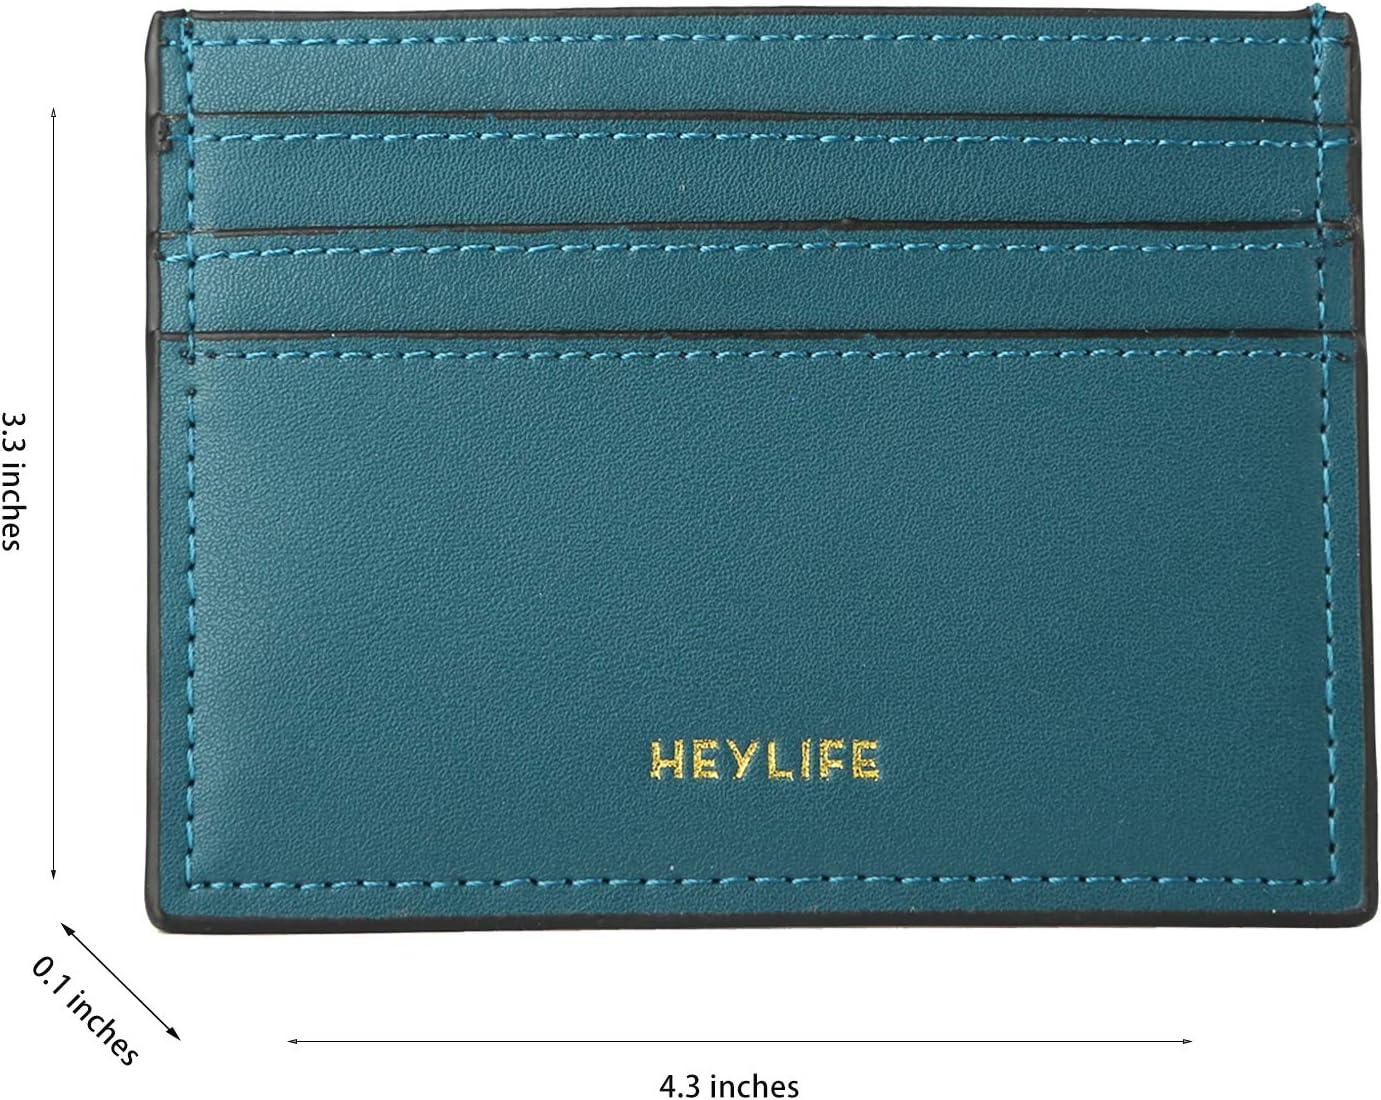 Gr�n RFID Kreditkartenetui f/ür Damen Herren Slim Leder Kartenetui Brieftasche Minimalistische Geldklammer - HEYLIFE dunkelgr/ün